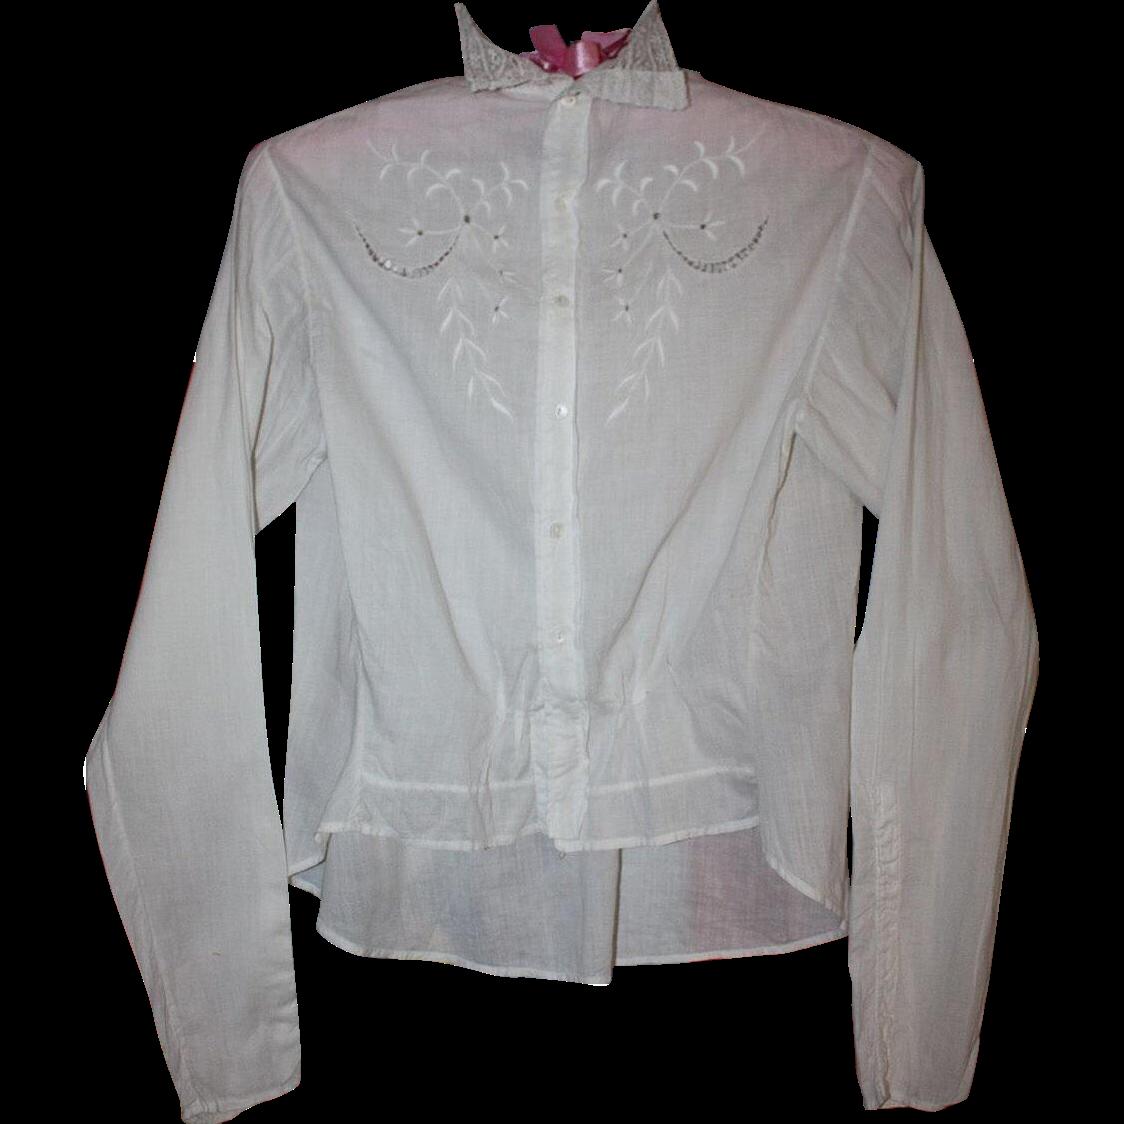 Antique Edwardian White Crochet Lace Blouse Shirtwaist 36